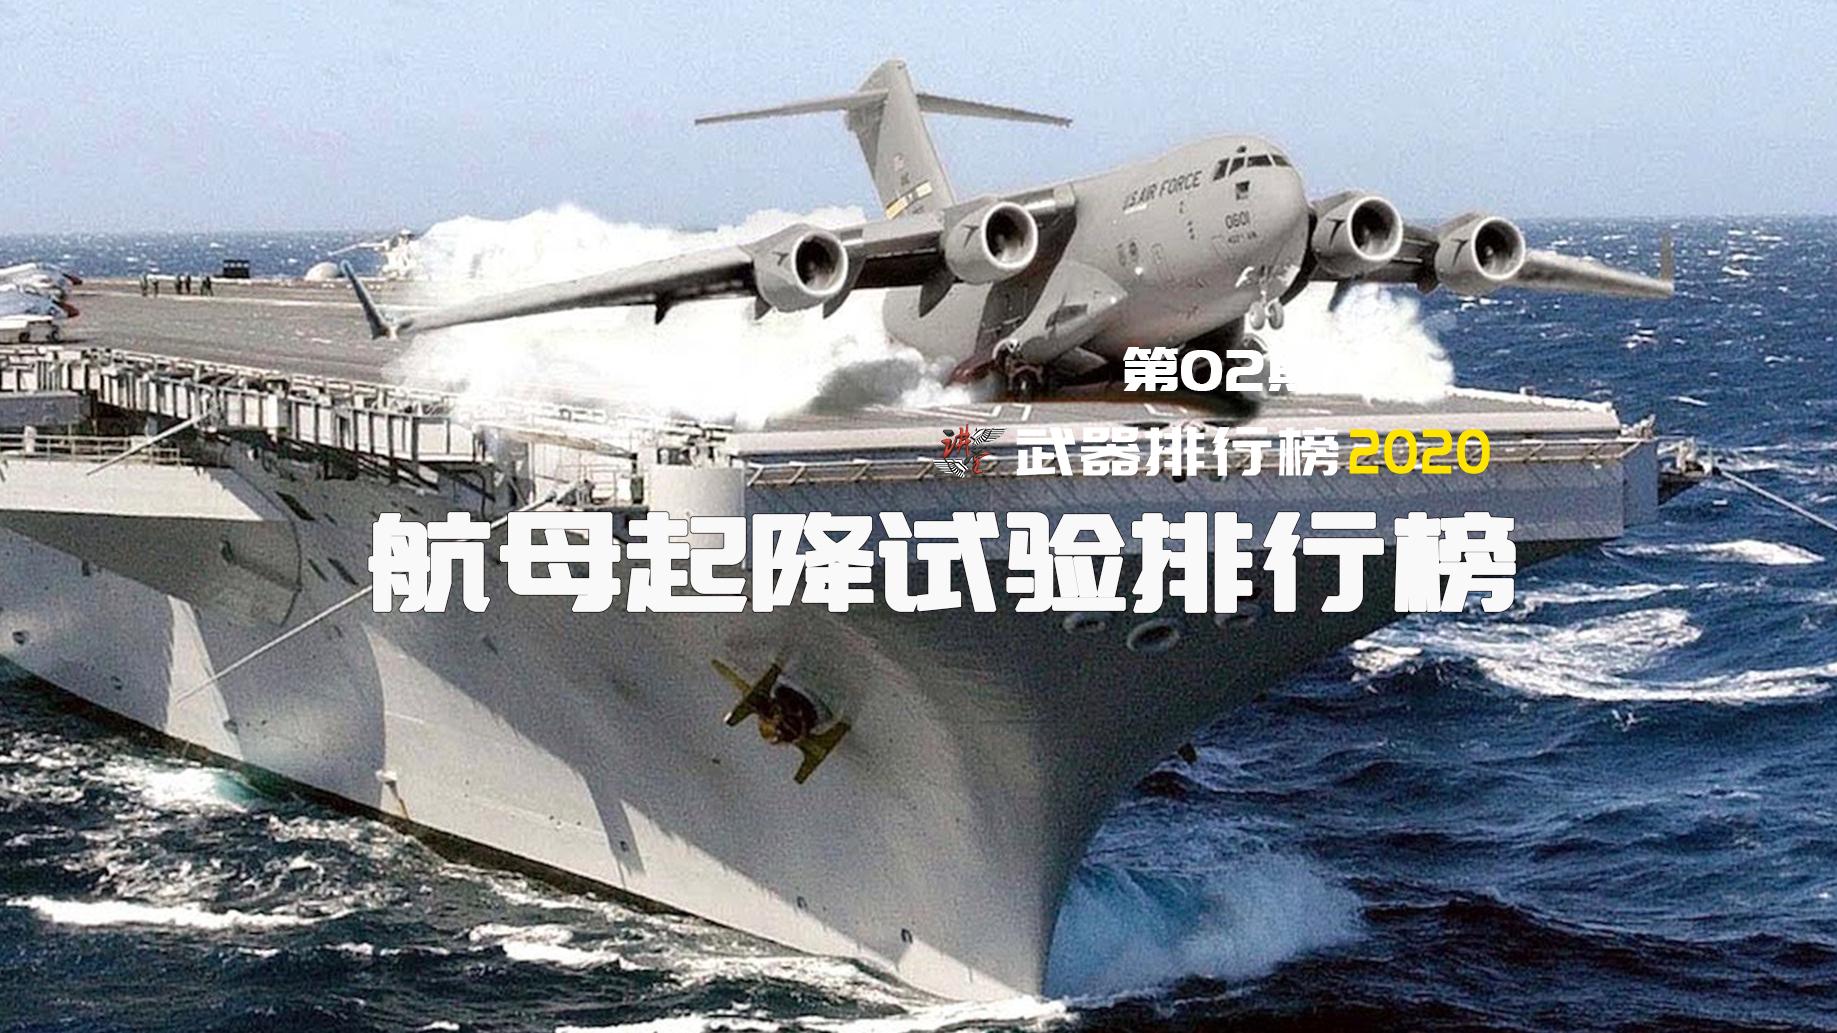 【武器排行榜2020】人类最狠的五次航母起降试验,U-2和C-130都上过航母,太疯狂了